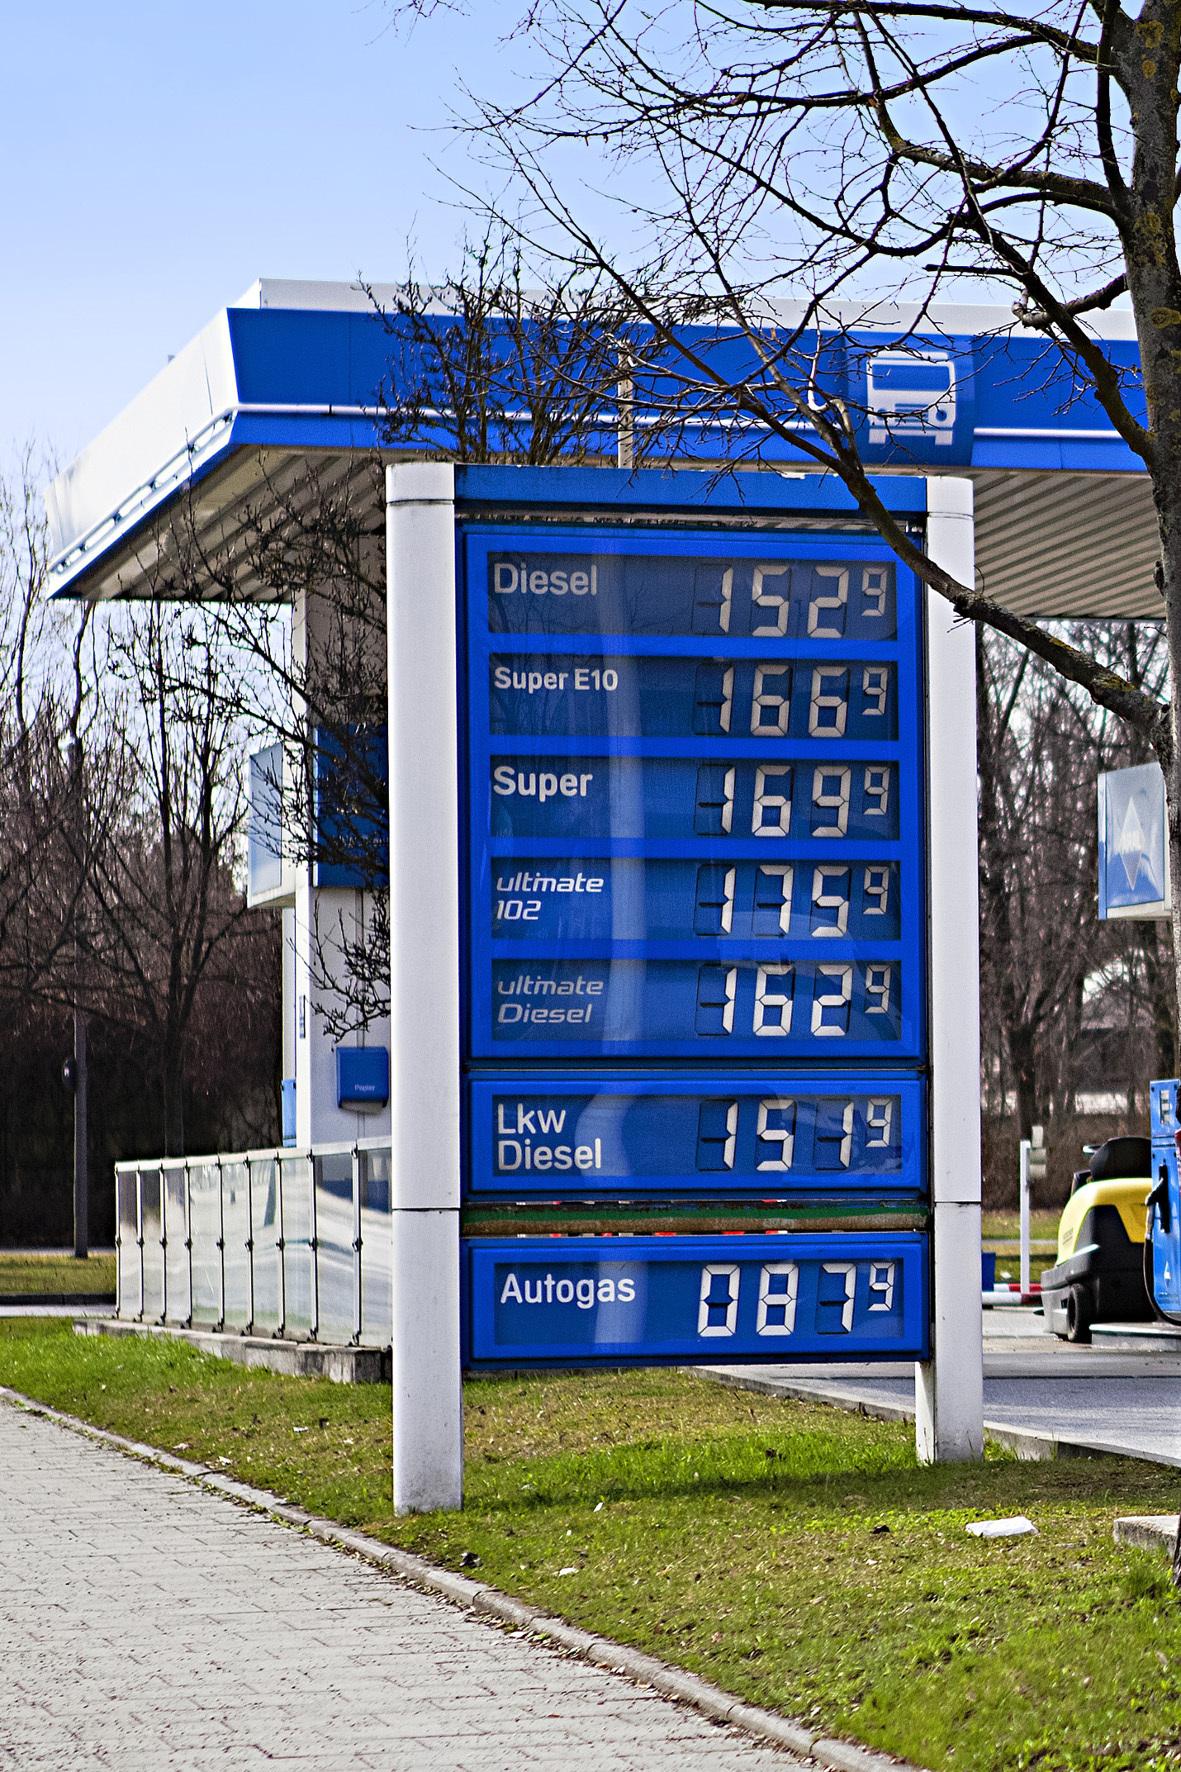 mid Düsseldorf - Die Kraftstoff-Preise an der Tankstelle unterliegen je nach Tageszeit großen Schwankungen. Mit Abstand am höchsten sind sie laut dem AvD nachts.